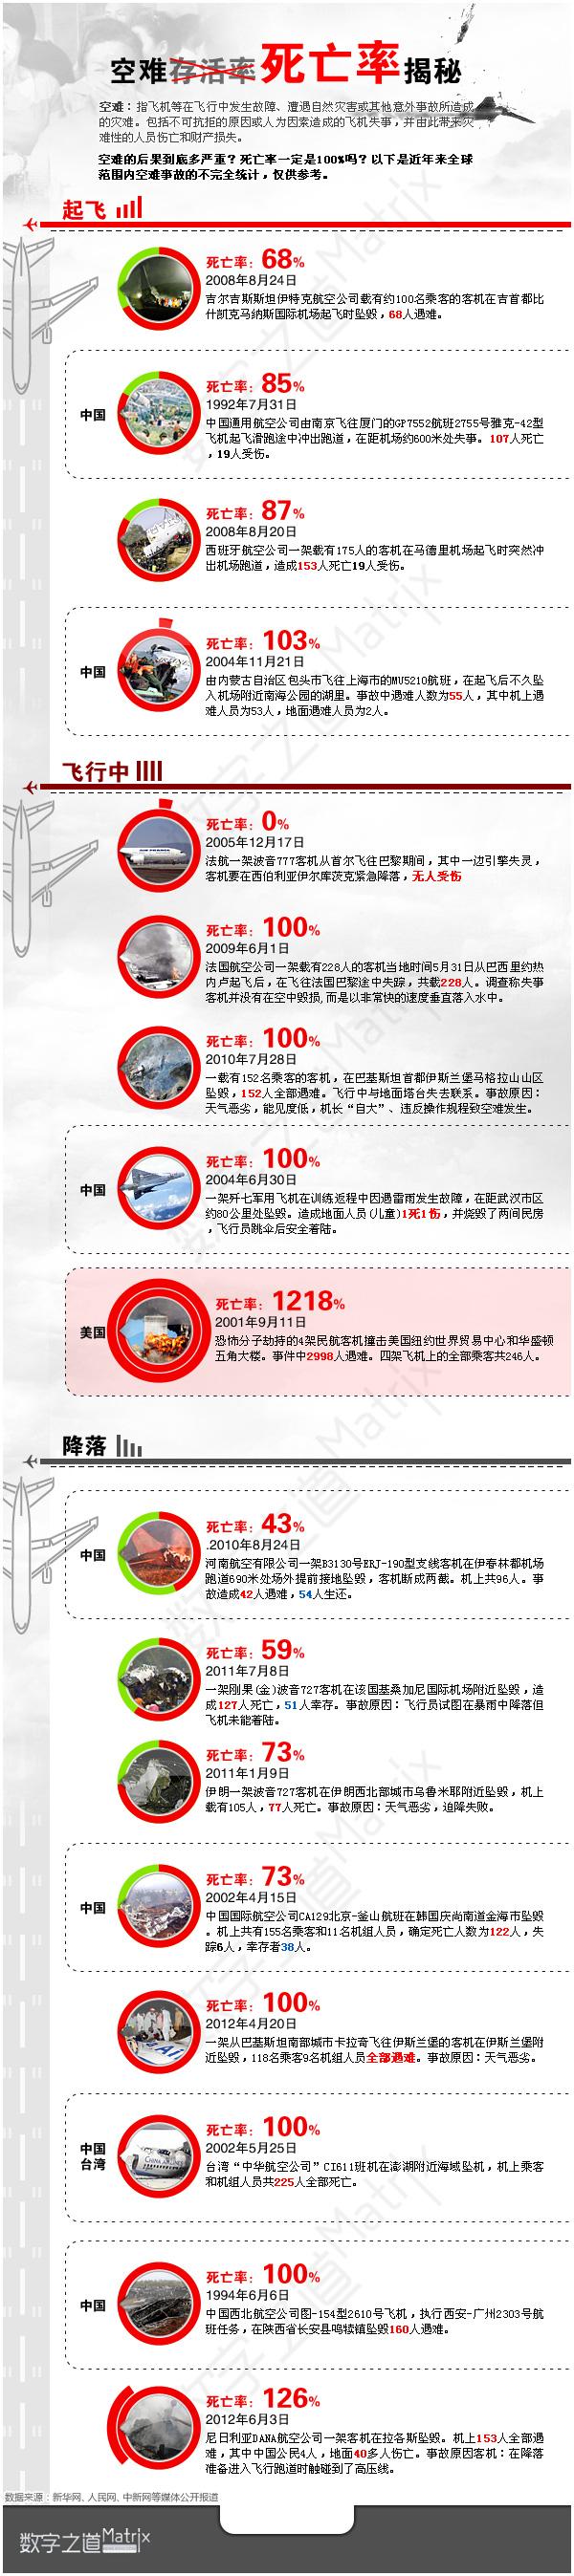 飞行器包括各种载人航空飞行器在起飞、飞行或降落过程中,或载人航天飞行器在起飞、空中飞行或降落过程中,由于人为因素或不可抗拒的原因导致的灾难性损失,此类事件统称为空难。 根据国际民航组织的统计:1959—1997年的全部空难事故中,飞机全毁,且有人员死亡的占58%;飞机全毁,但无人员死亡的占32%;飞机没有全毁,空难但有人员死亡的占10%。 世界载人航天空难:死亡率100% 2003年2月1日,美国哥伦比亚号航天飞机降落时发生空难,机上7人全部丧生。 1986年1月28日,美国挑战者号航天飞机起